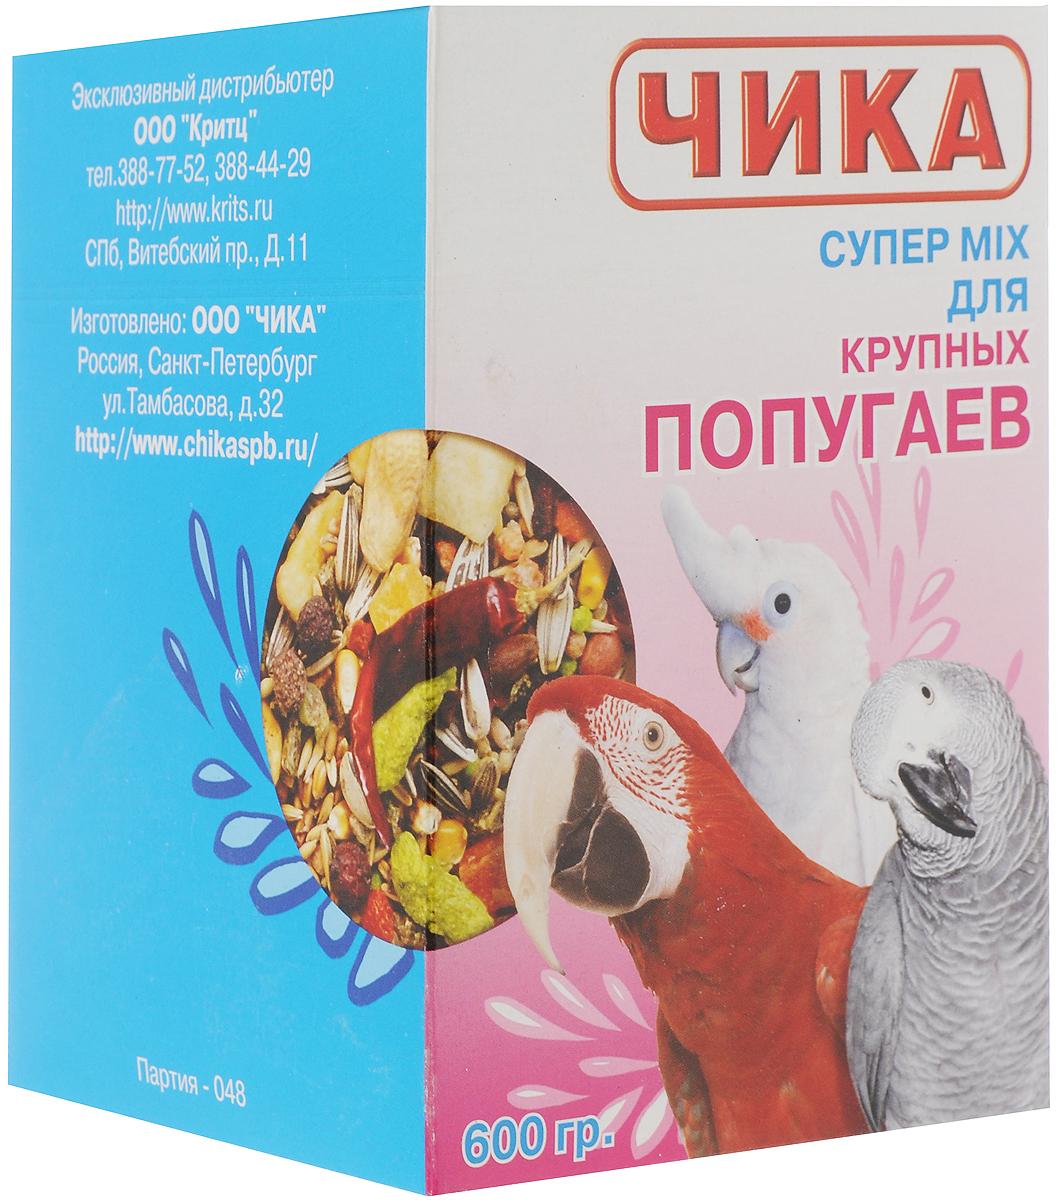 Корм для крупных попугаев Чика Супер mix, 600 г4607045060356Корм Чика Супер mix - полноценный микс для всех видов крупных попугаев. Он состоит из необходимых зерновых, злаковых, фруктов, овощей и орехов, необходимых для полноценного развития вашего попугая. В микс добавлены красный жгучий перец, тыквенные семечки, кедровые орешки и шиповник, которые так любят попугаи. В состав входят экструдированные палочки, обогащенные аминокислотами и минералами. Товар сертифицирован.